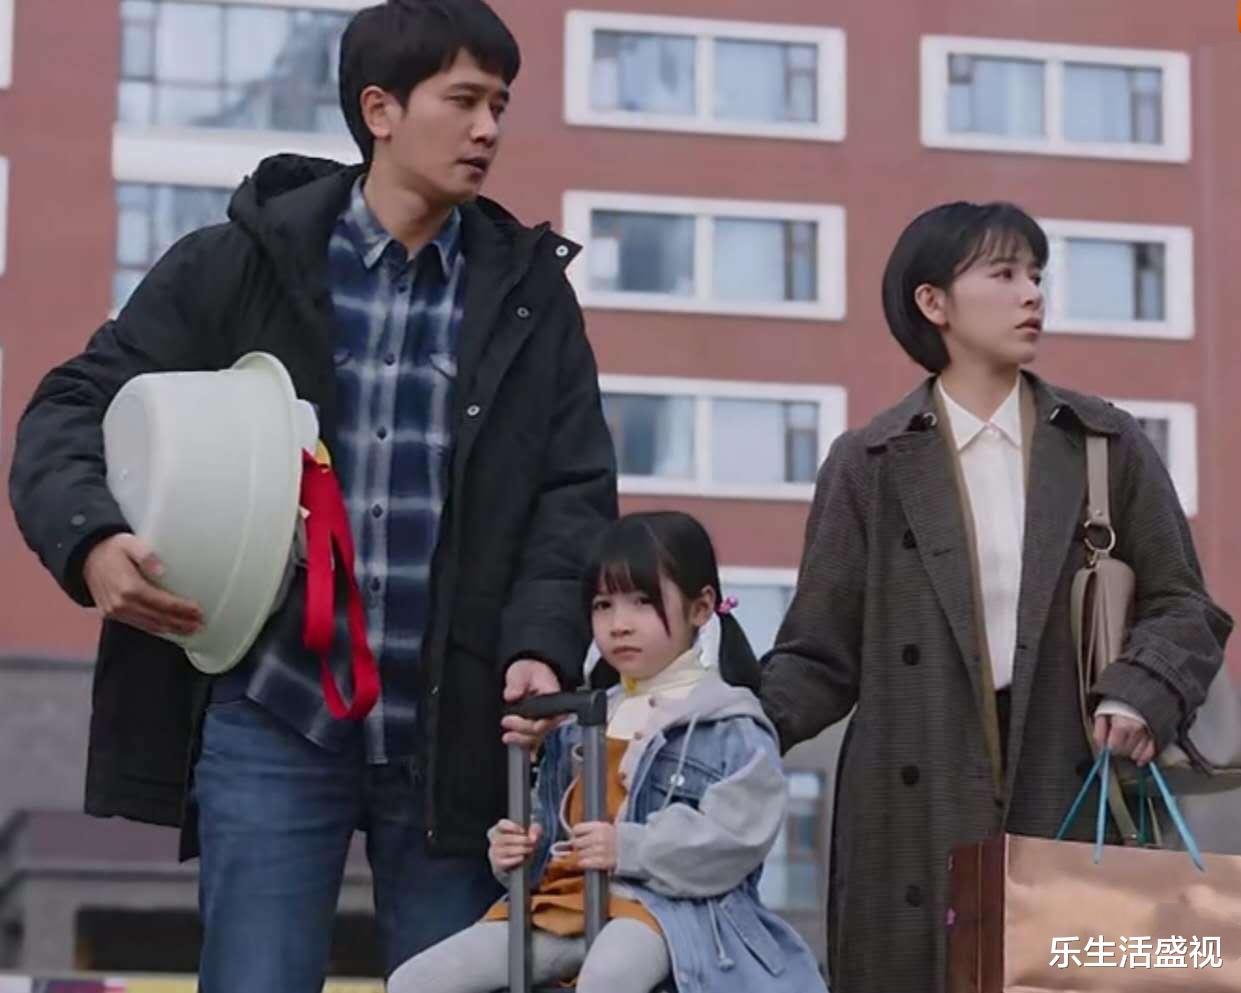 《親愛的自己》雨薇被老師欺負,張芝芝無能無力,劉洋的做法好解氣-圖2